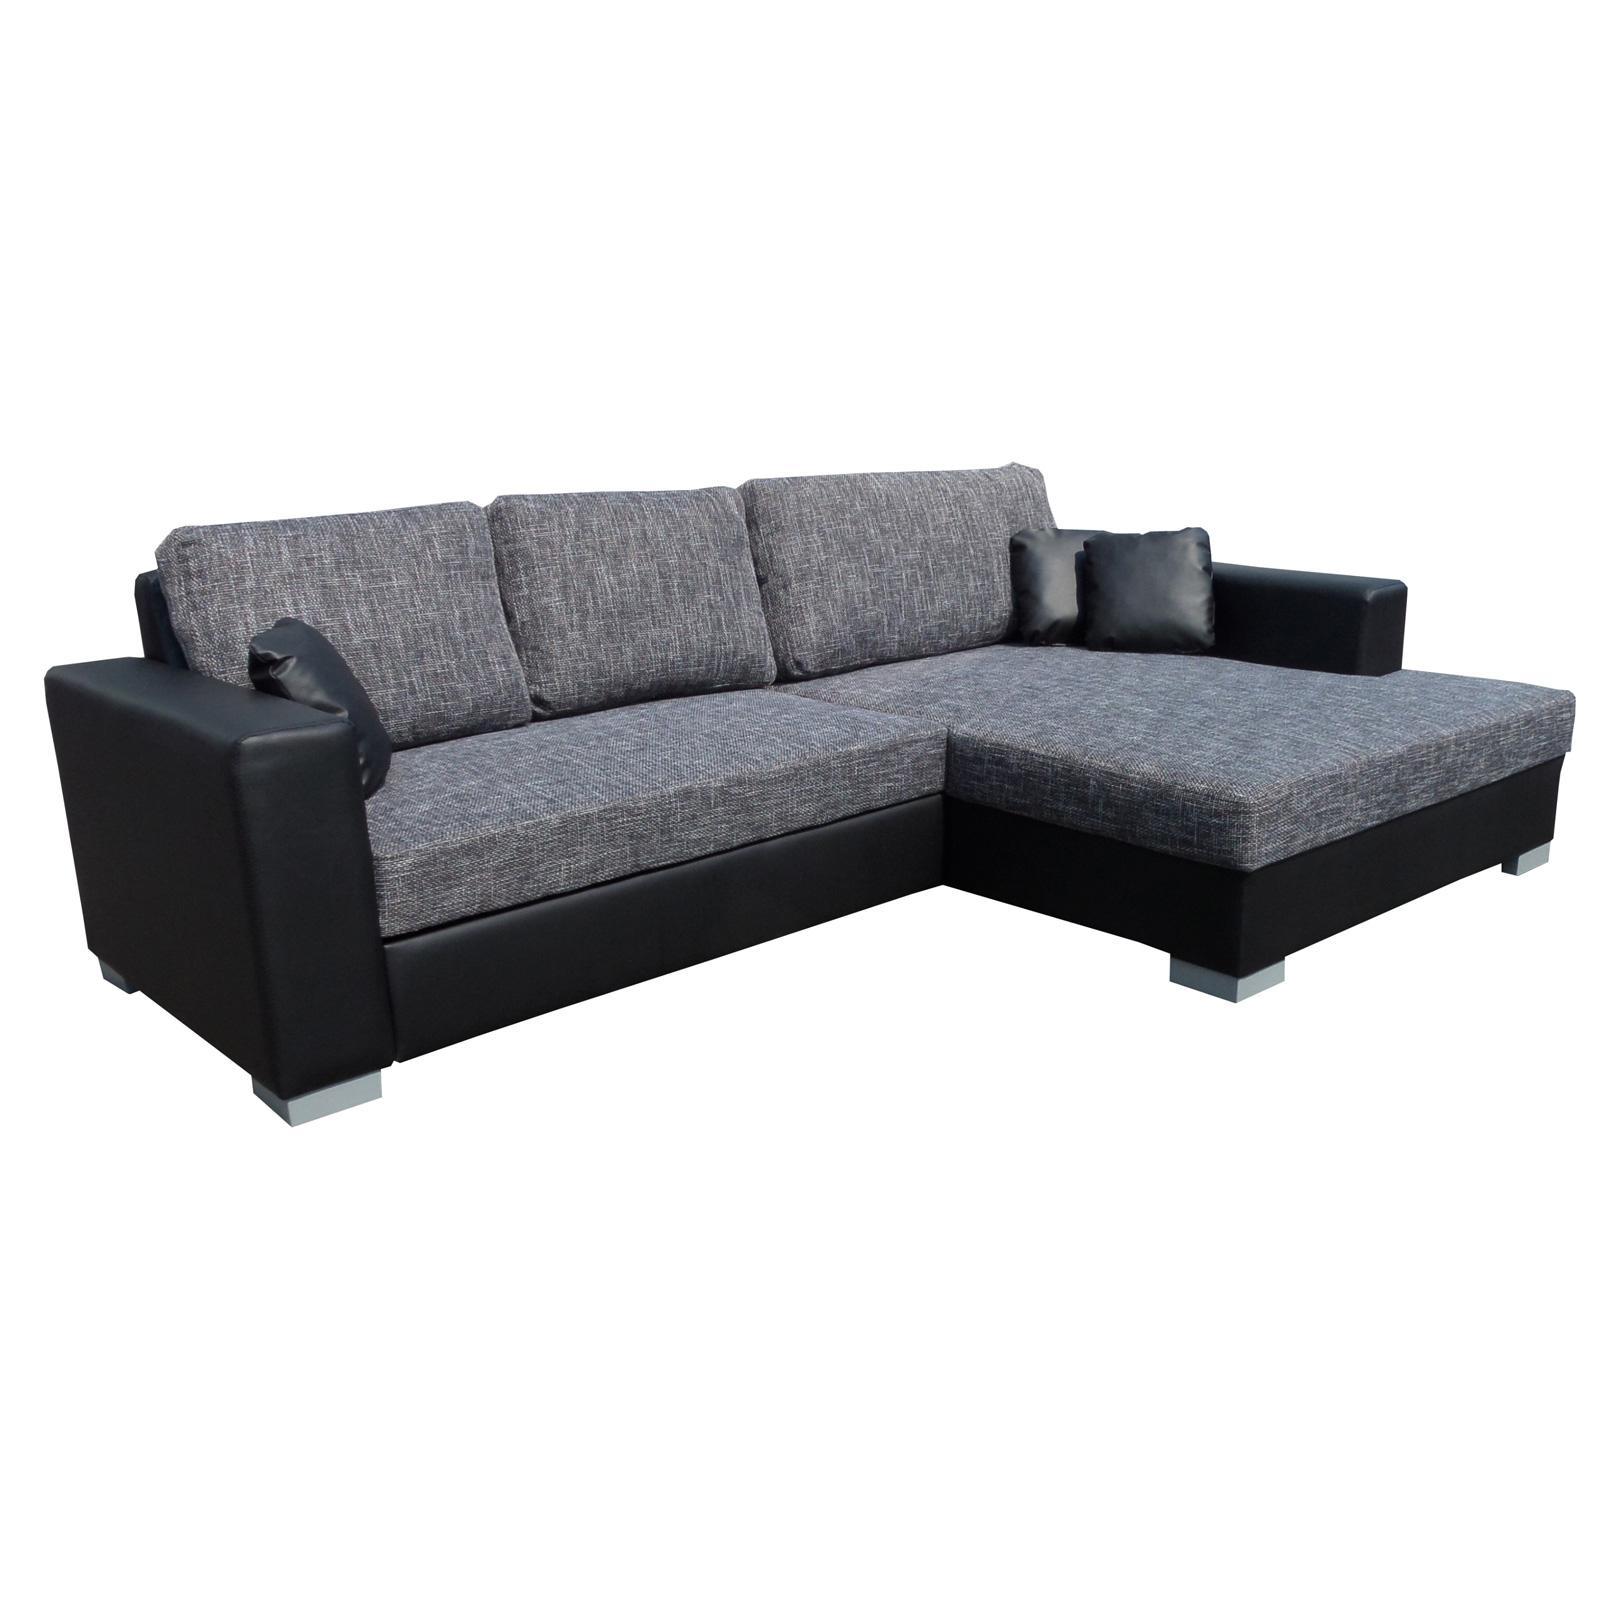 ecksofa flamenco couch wohnlandschaft mit schlaffunktion lederlook schwarz grau. Black Bedroom Furniture Sets. Home Design Ideas